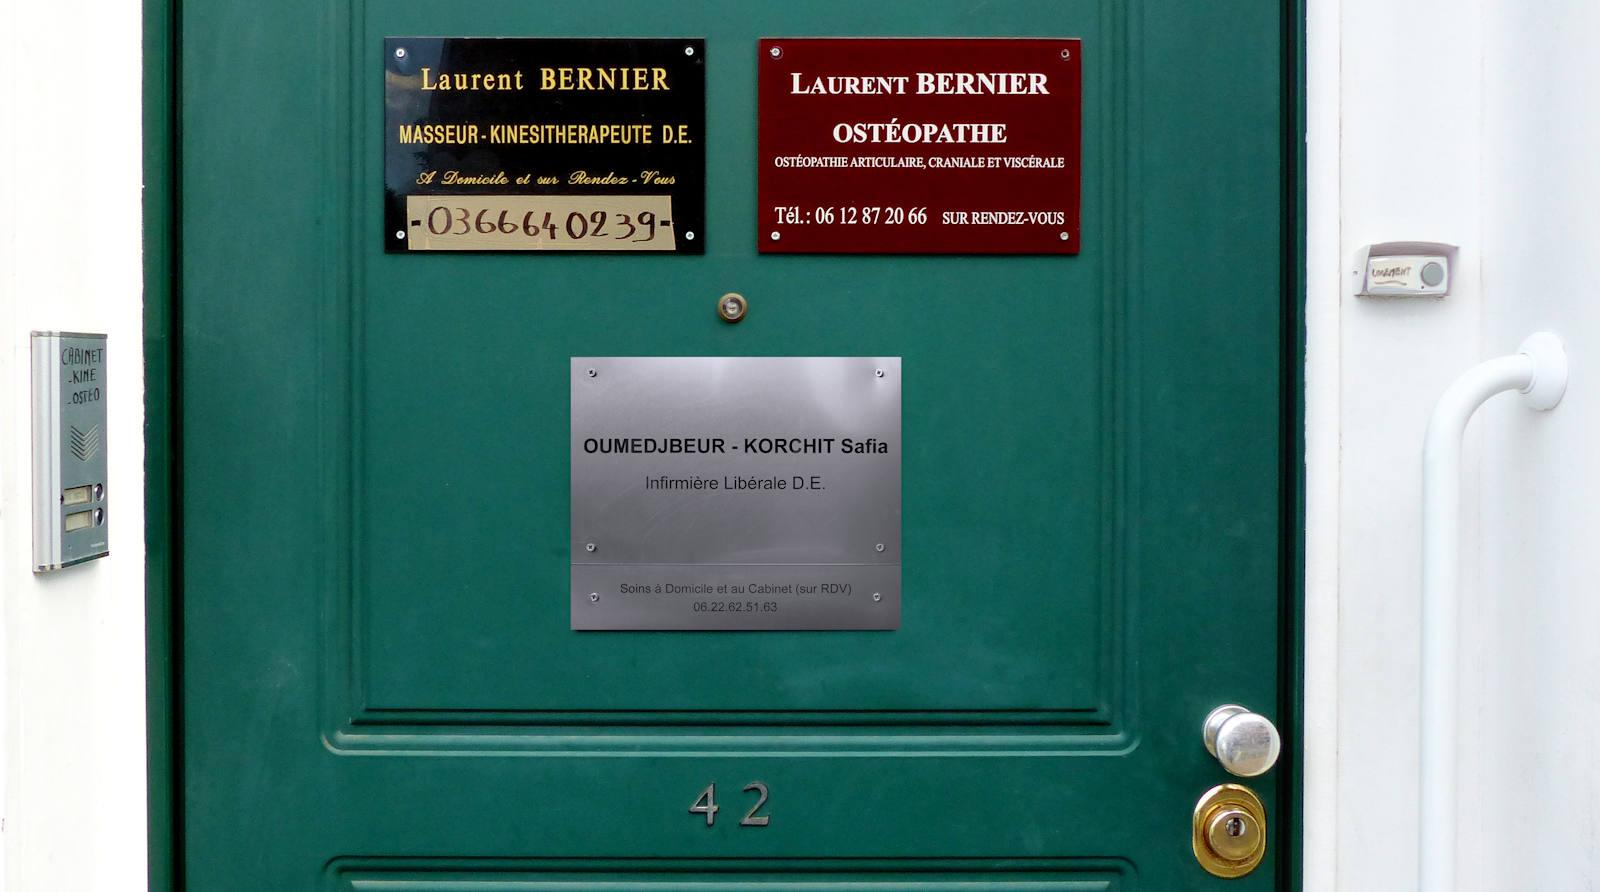 Infirmière Oumedjbeur et Ostéopathe Bernier, Tourcoing, rue des Anges.